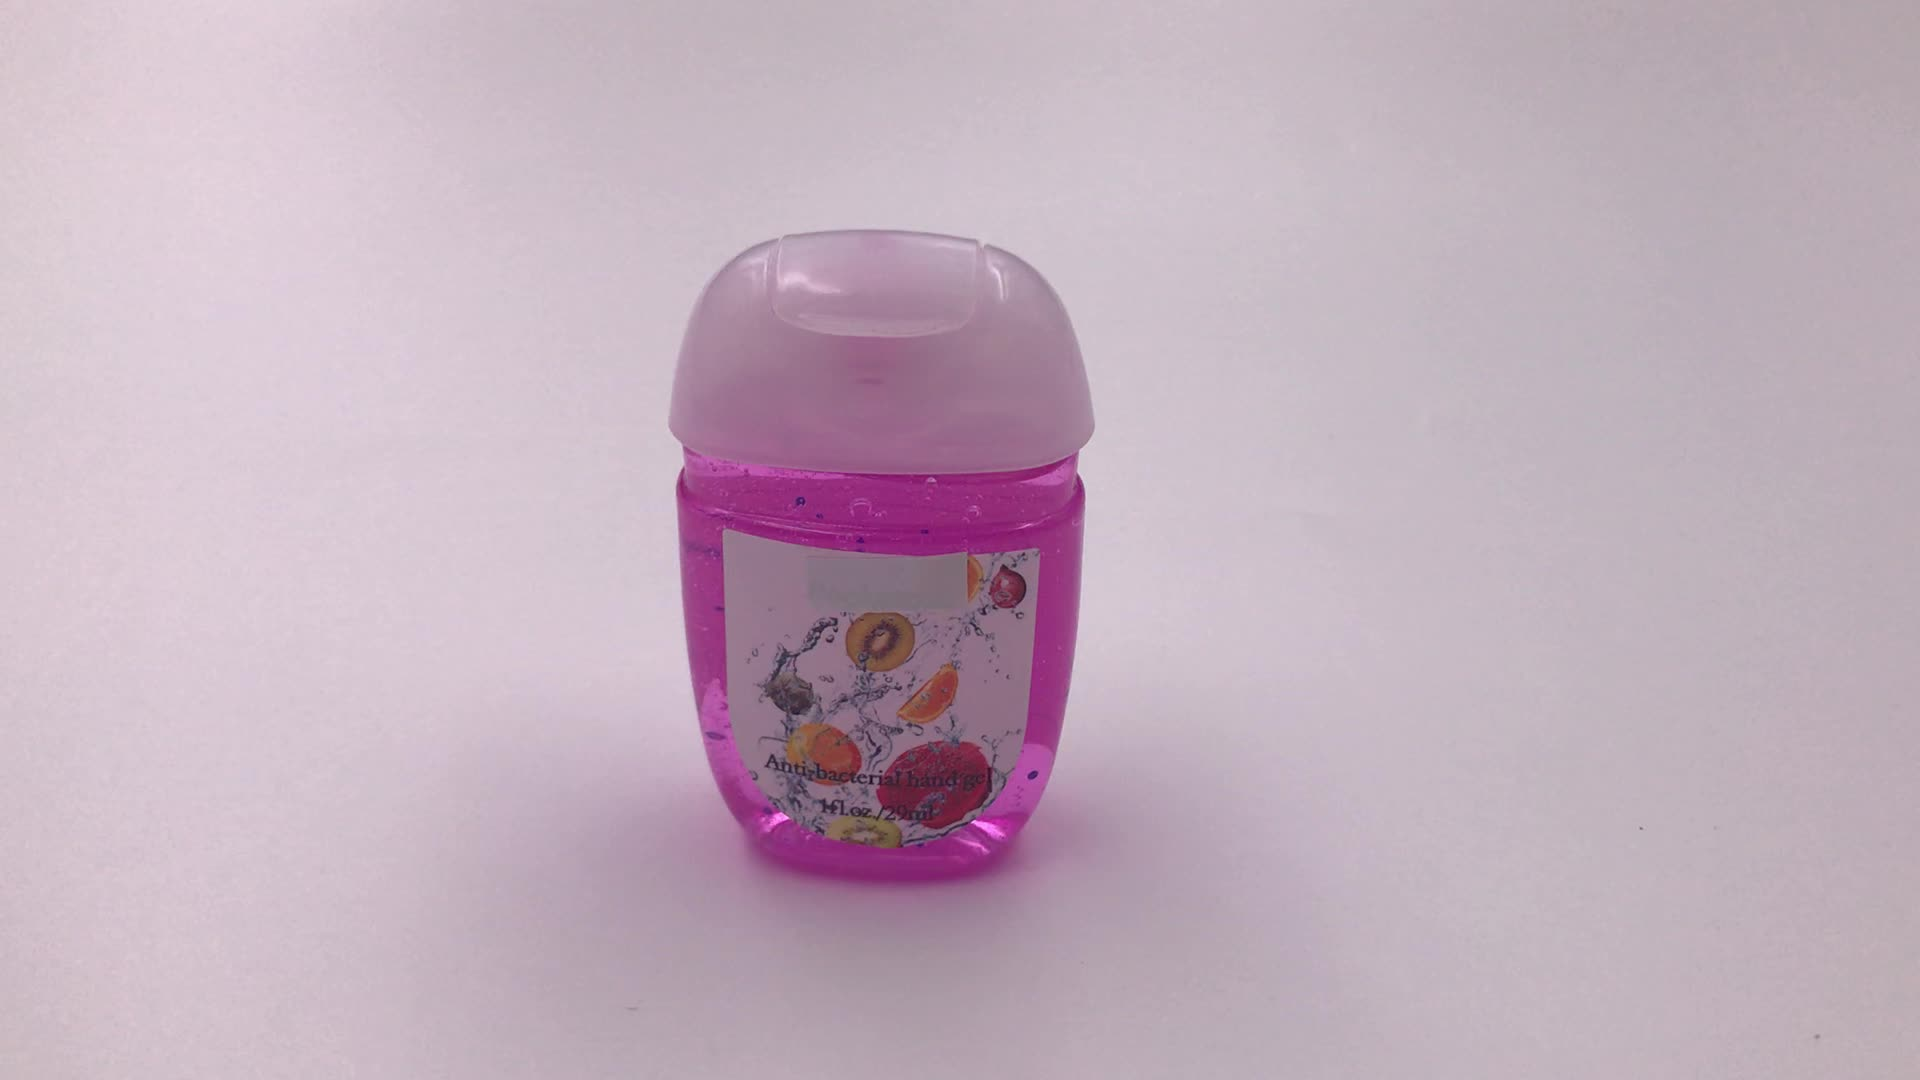 Antibakterielles, wasserlösliches antibakterielles Handreinigungsmittel / Desinfektionsmittel / Waschgel für 29 ml BBW